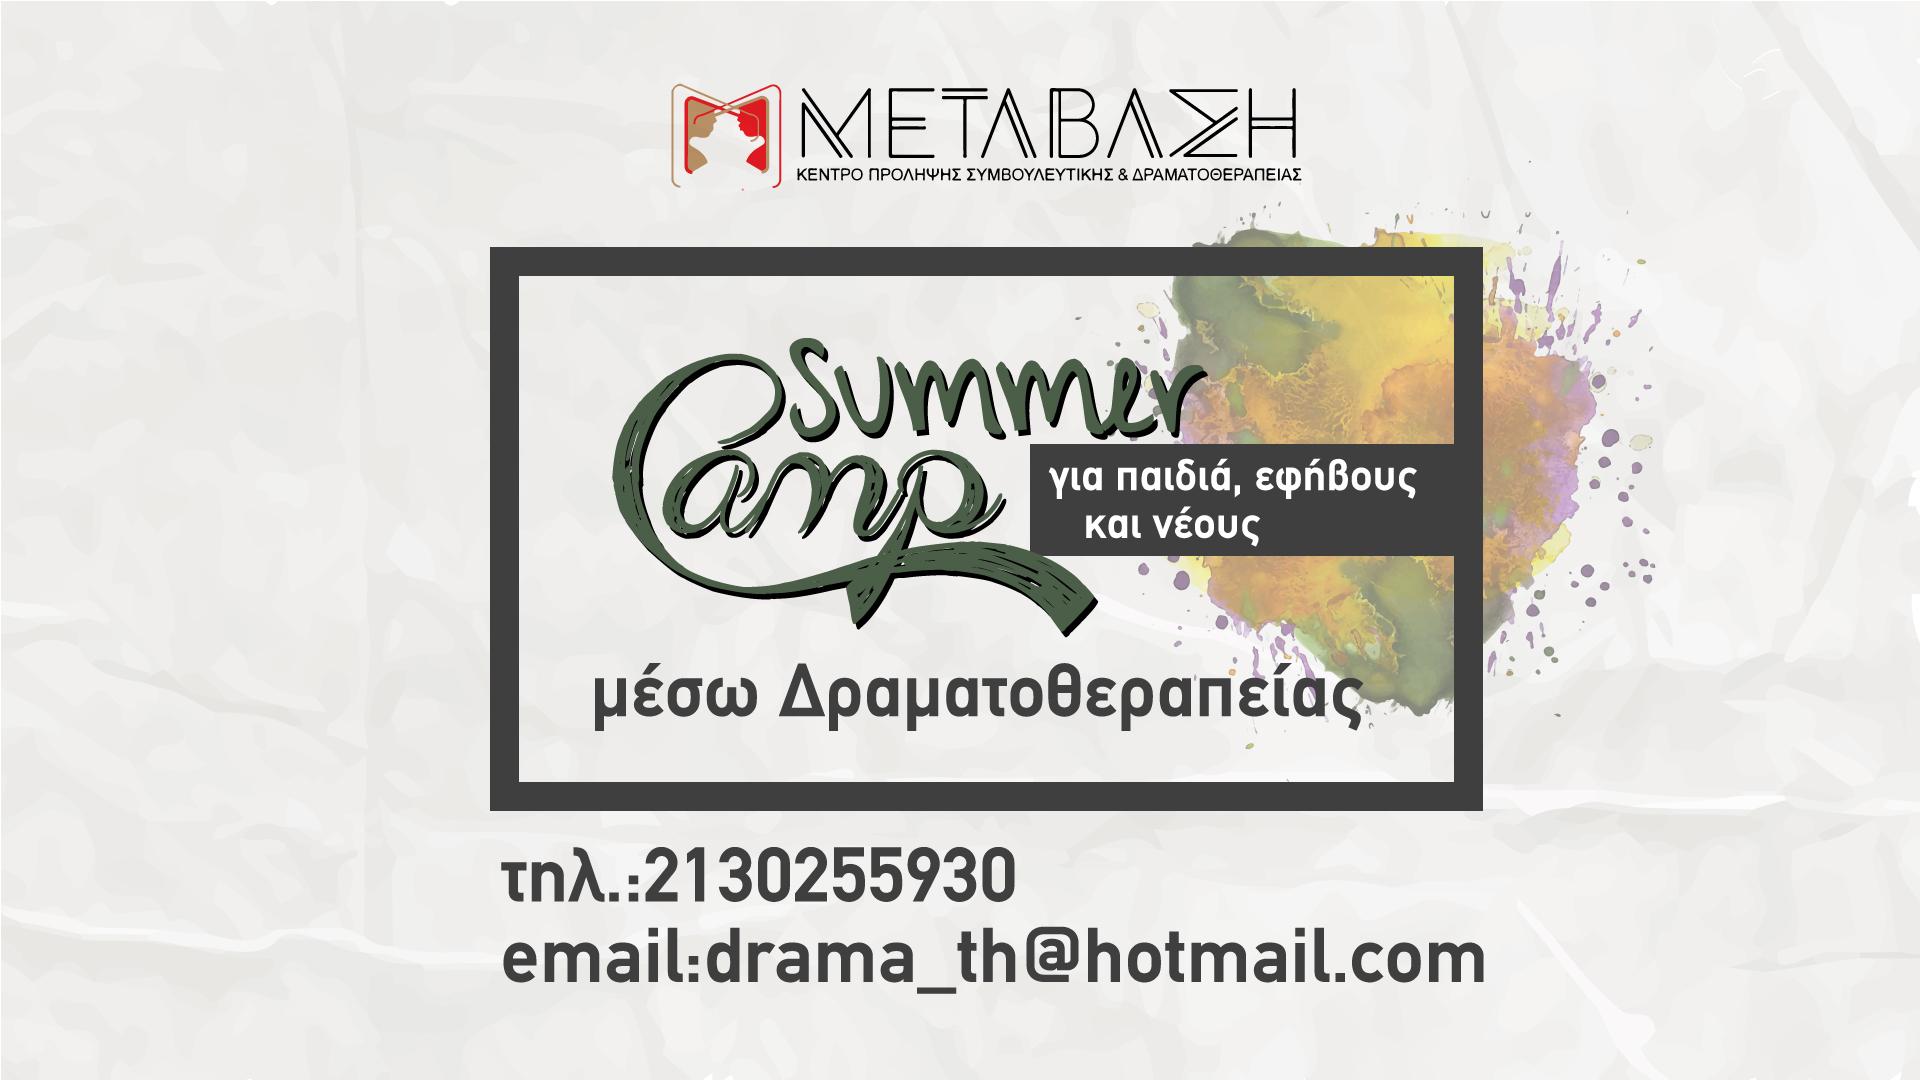 Summer Camp από τη ΜΕΤΑΒΑΣΗ για παιδιά, εφήβους & νέους μέσω Δραματοθεραπείας.